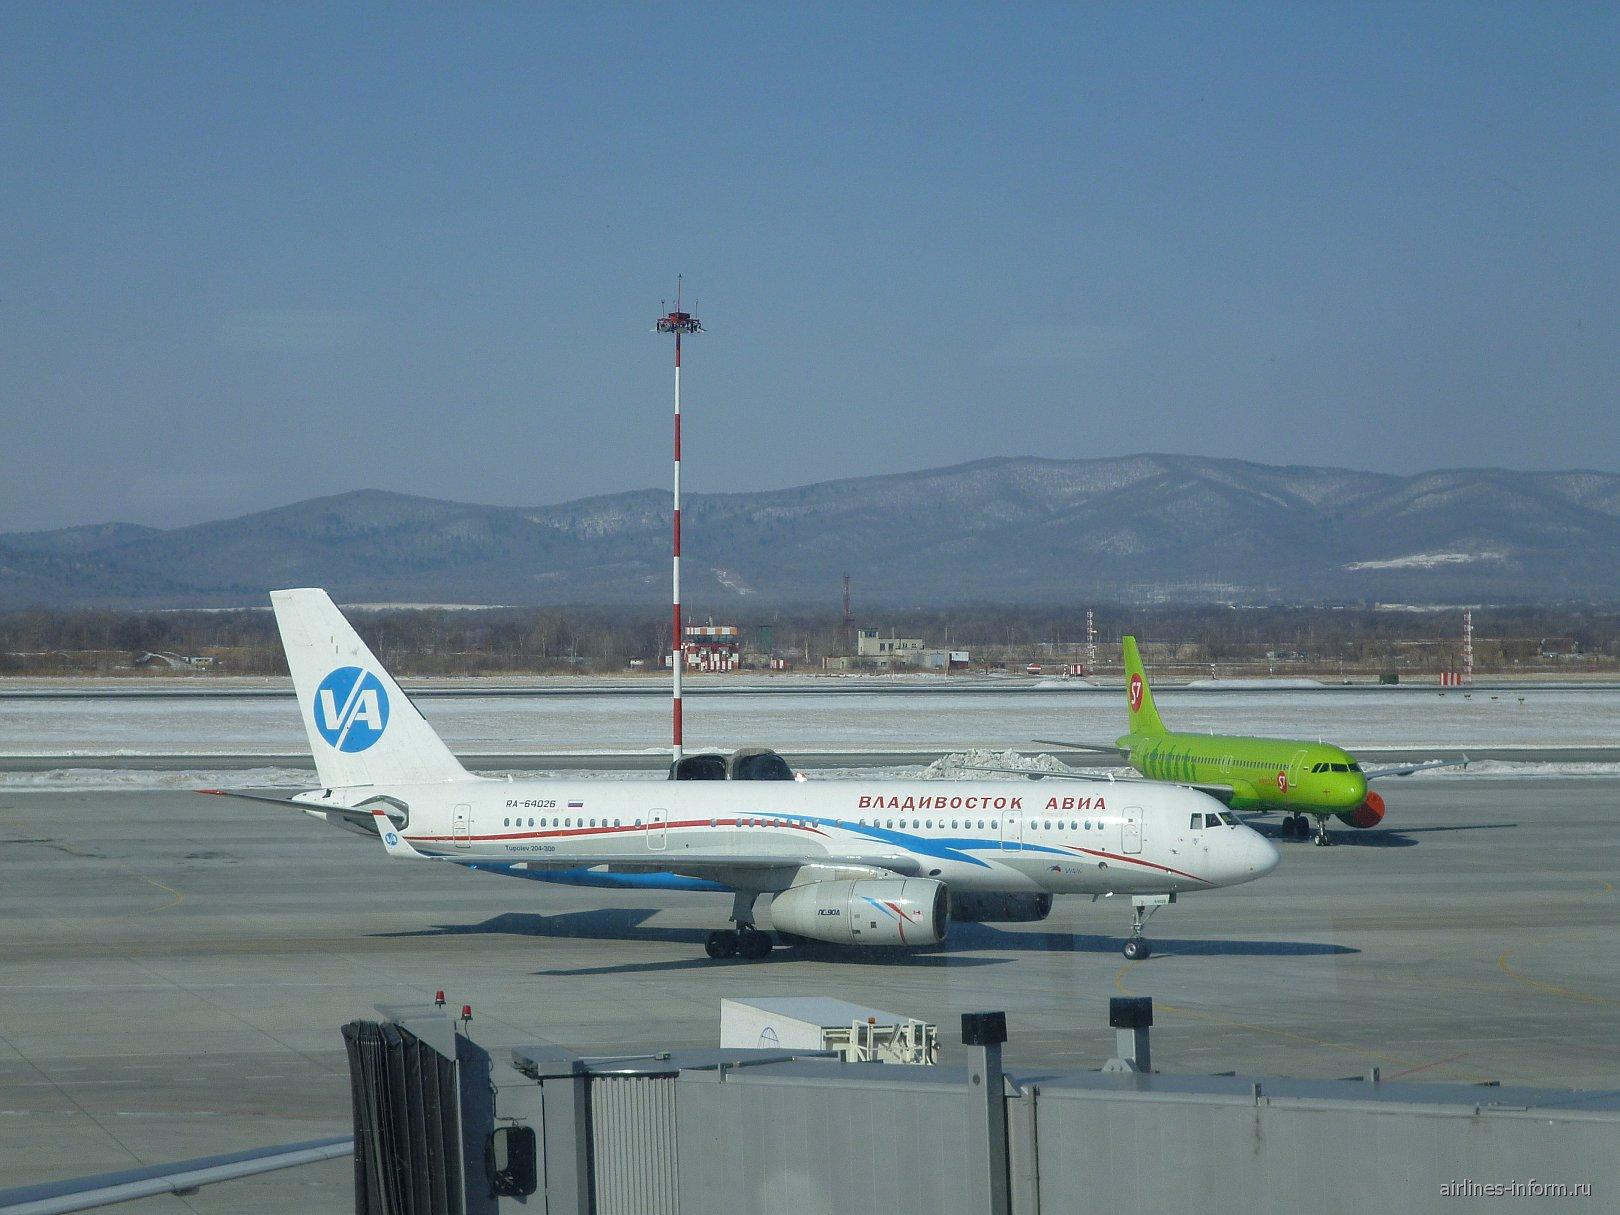 Самолет Ту-204-300 в аэропорту Владивостока